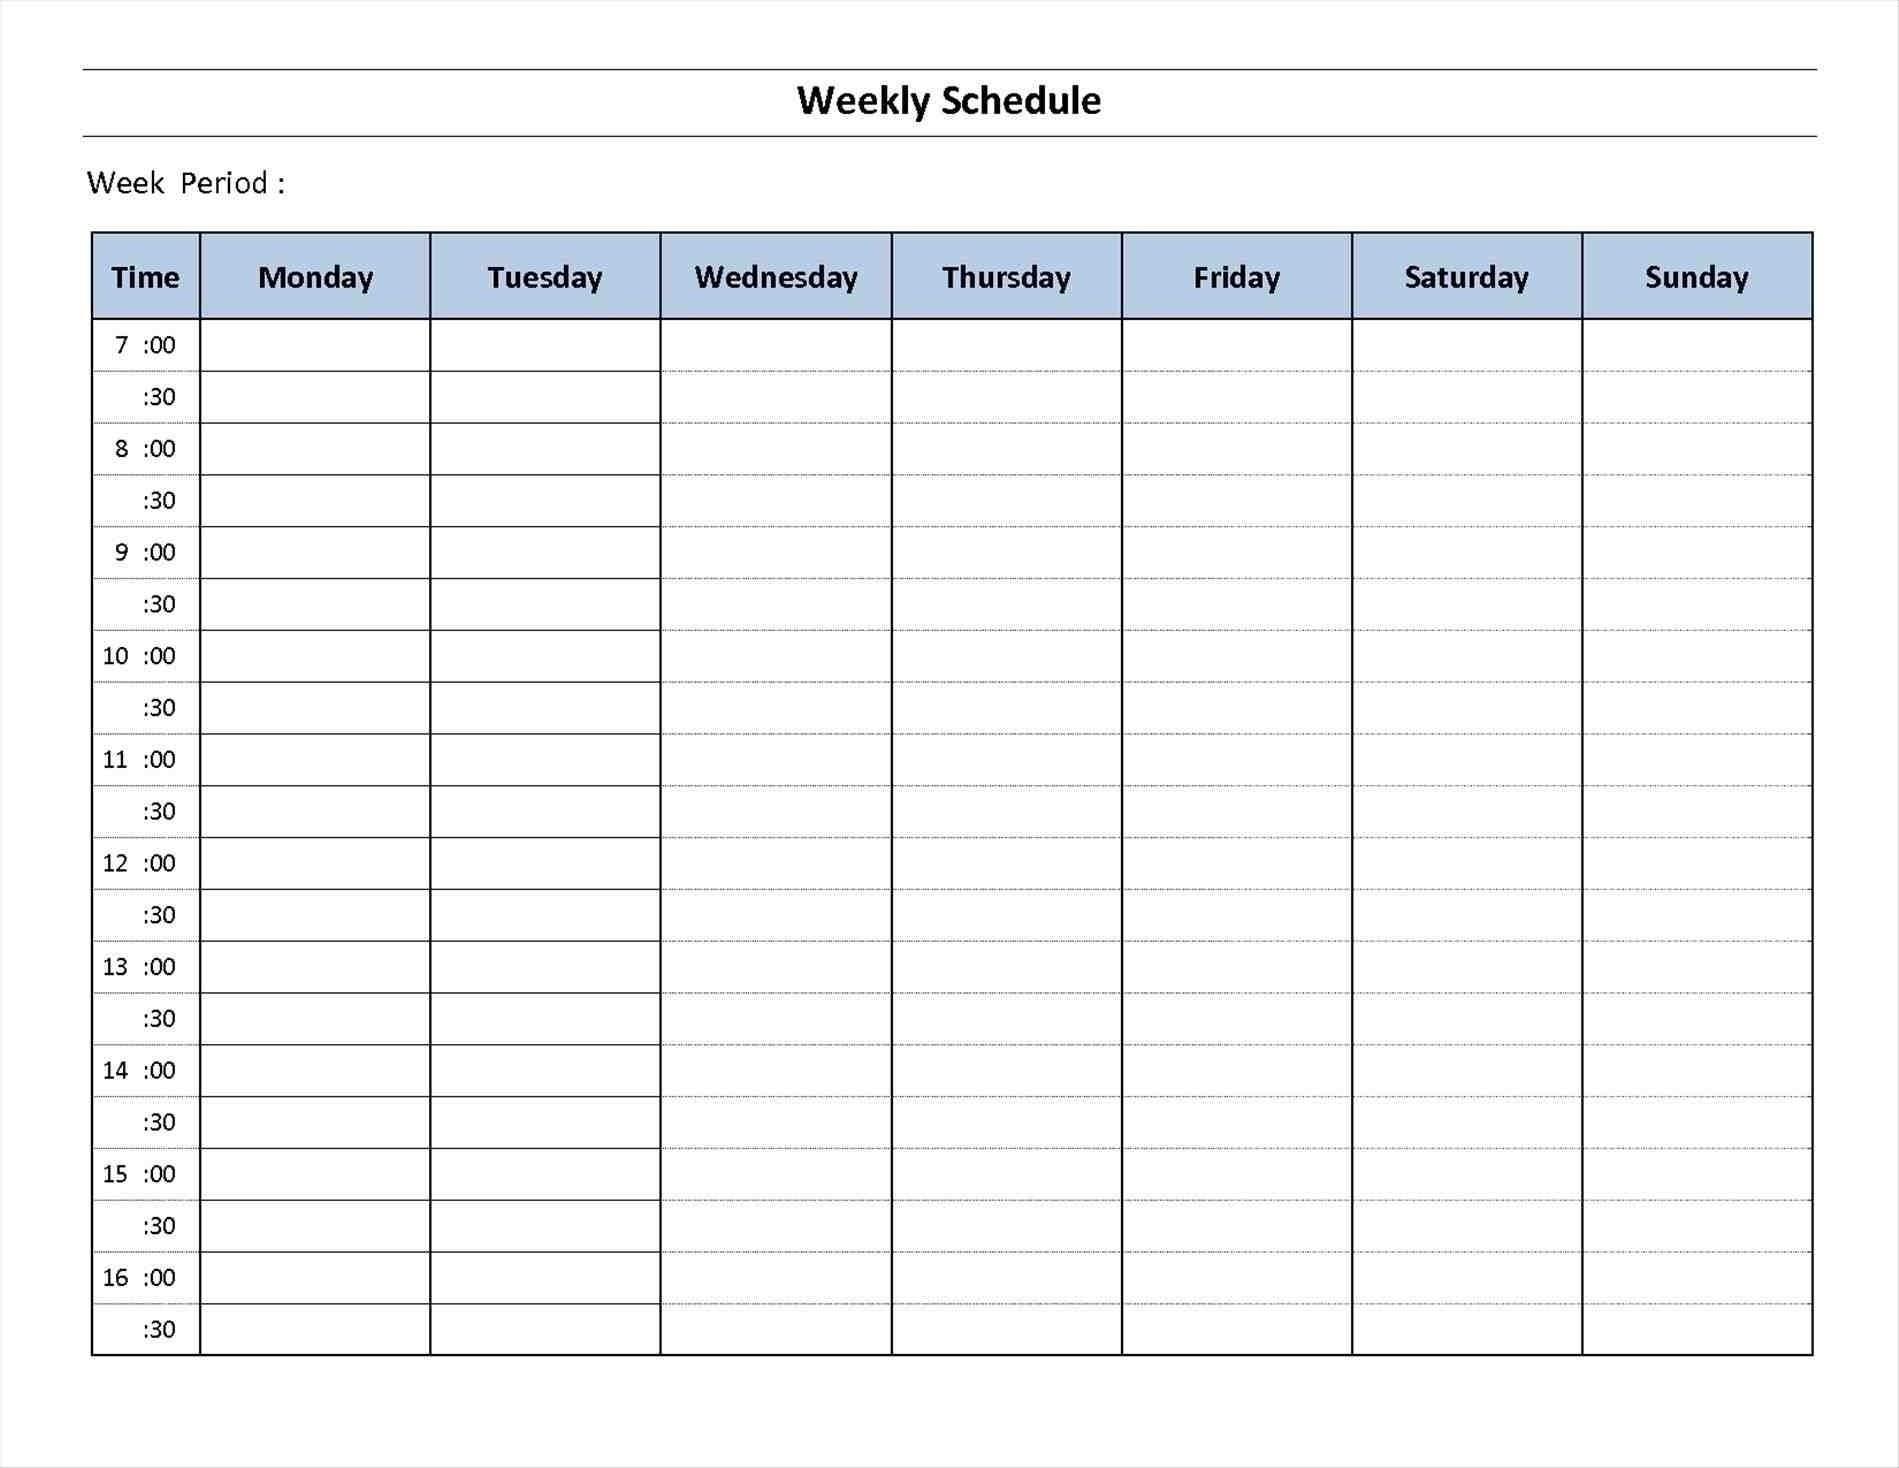 Schedule Template Day Week Calendar Printable Blank | Smorad with 7 Day Week Calendar Template